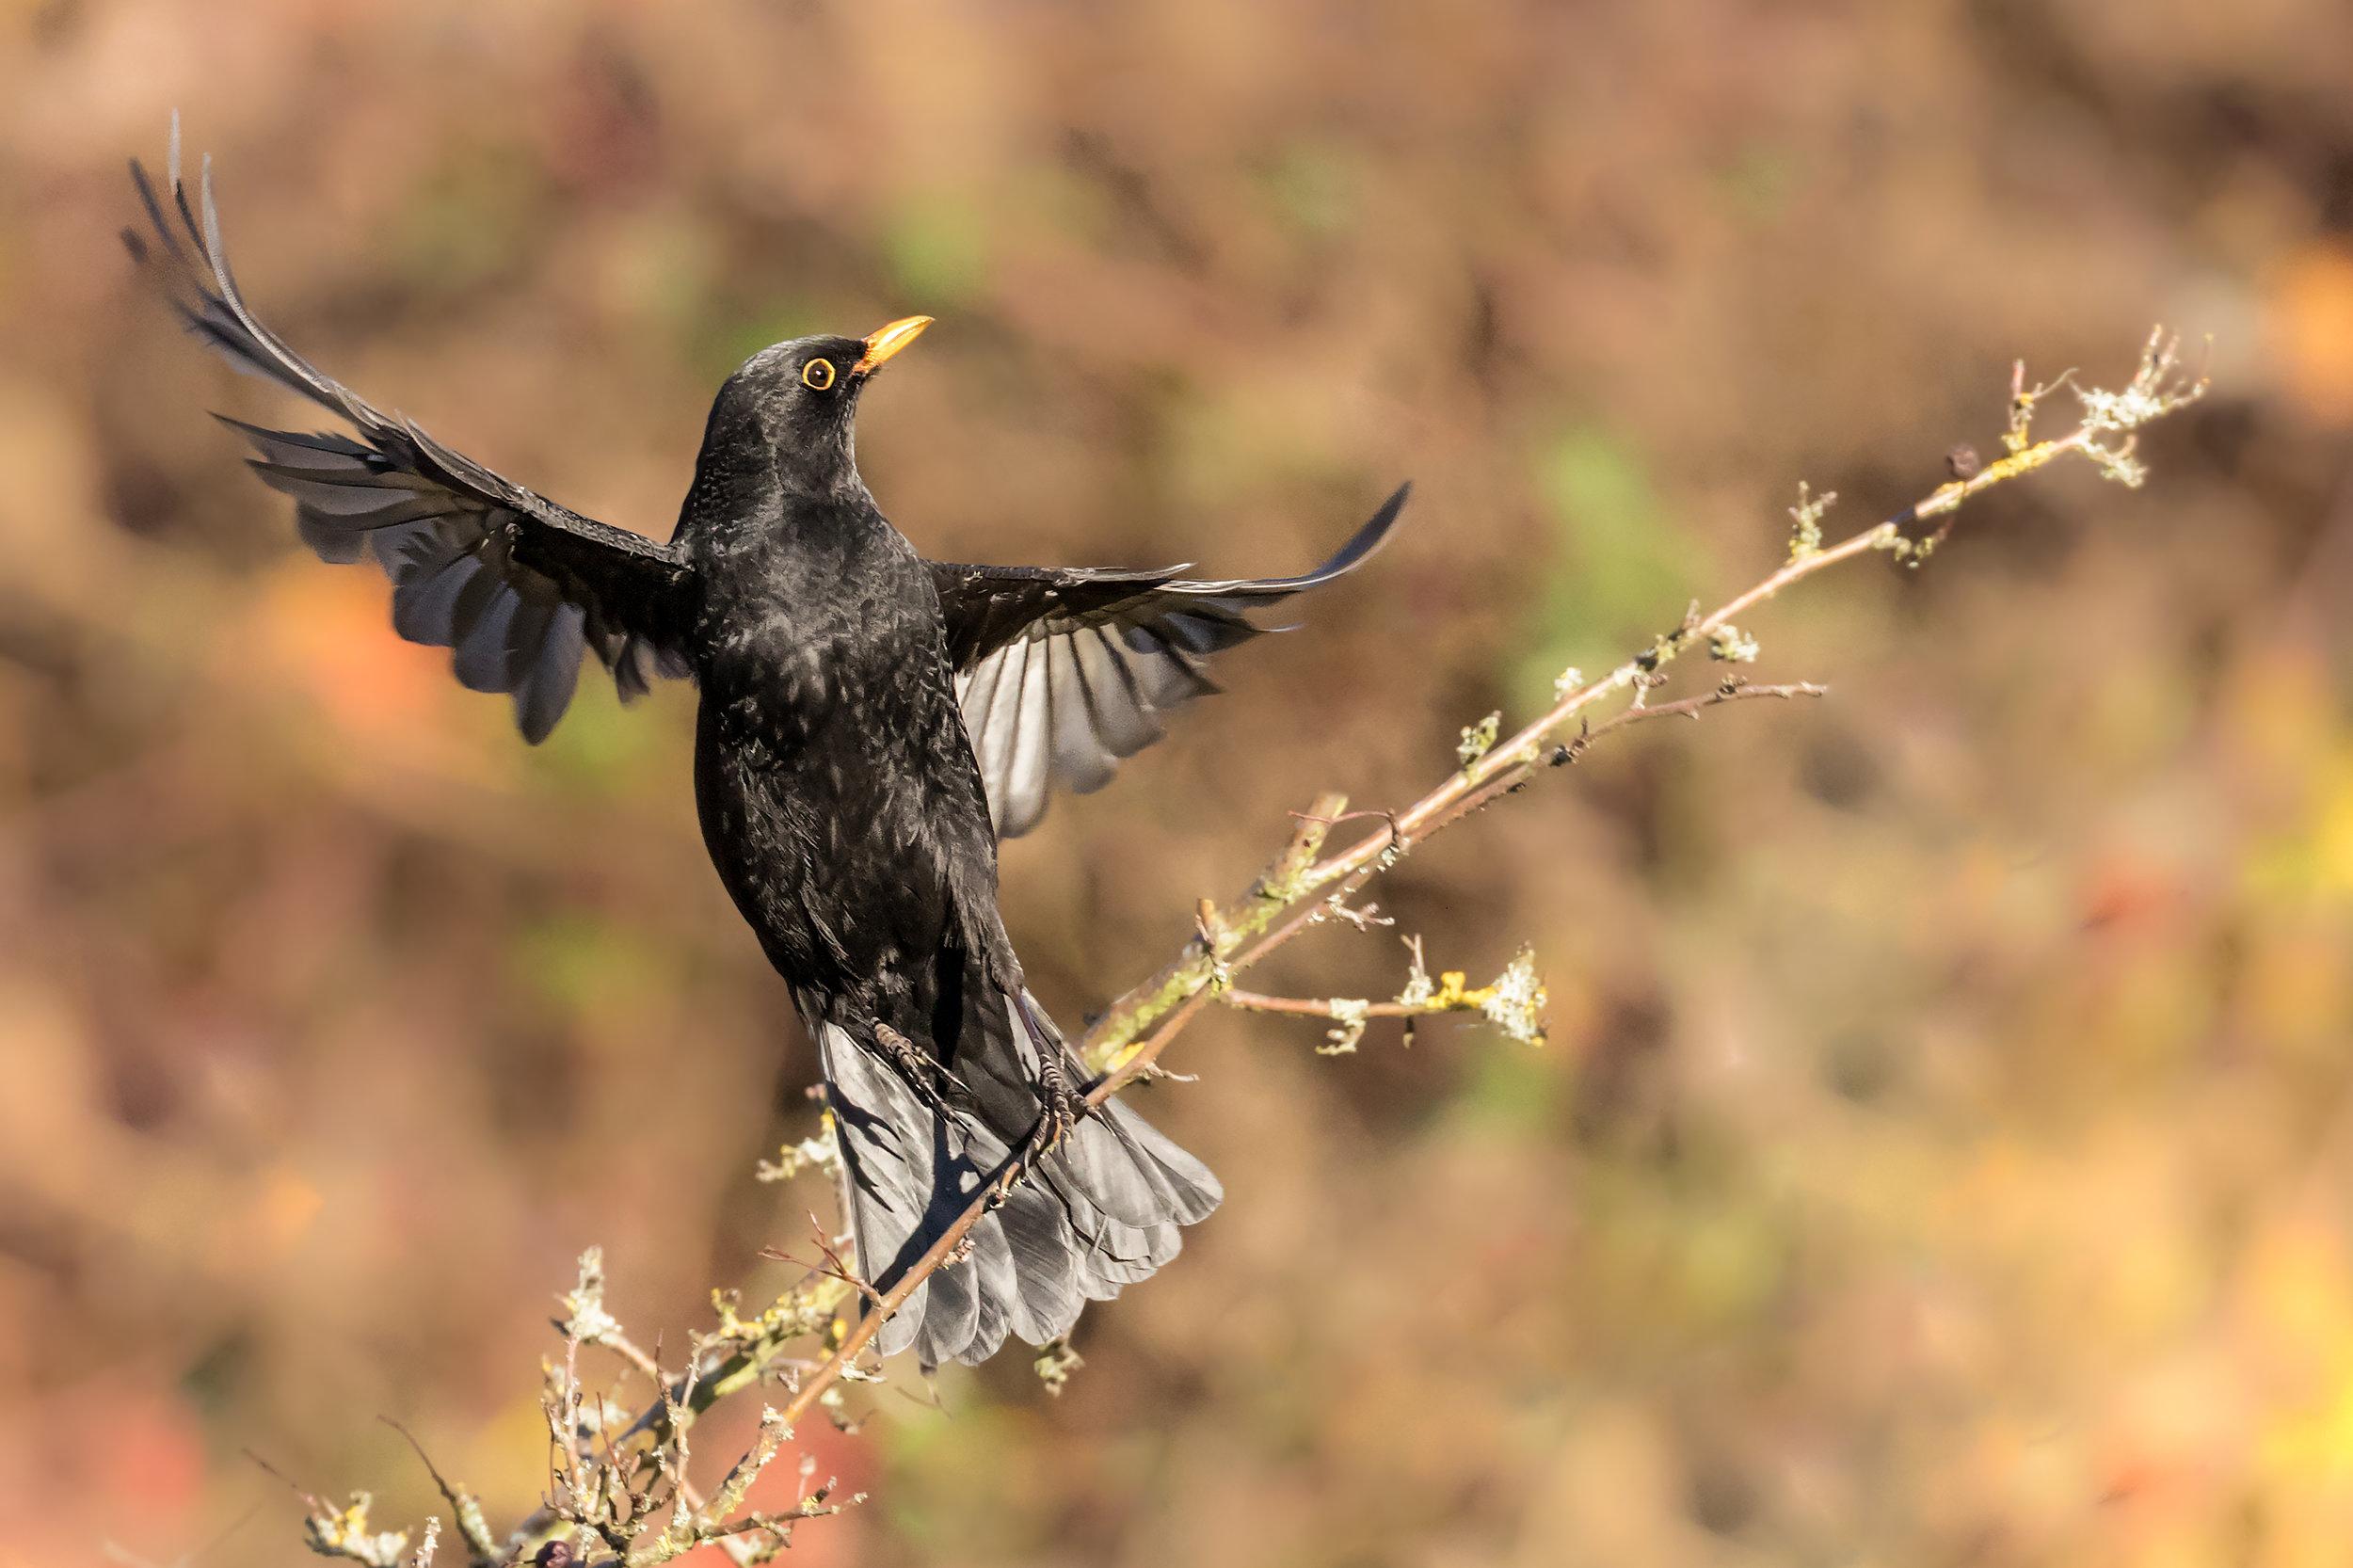 Blackbird taking flight